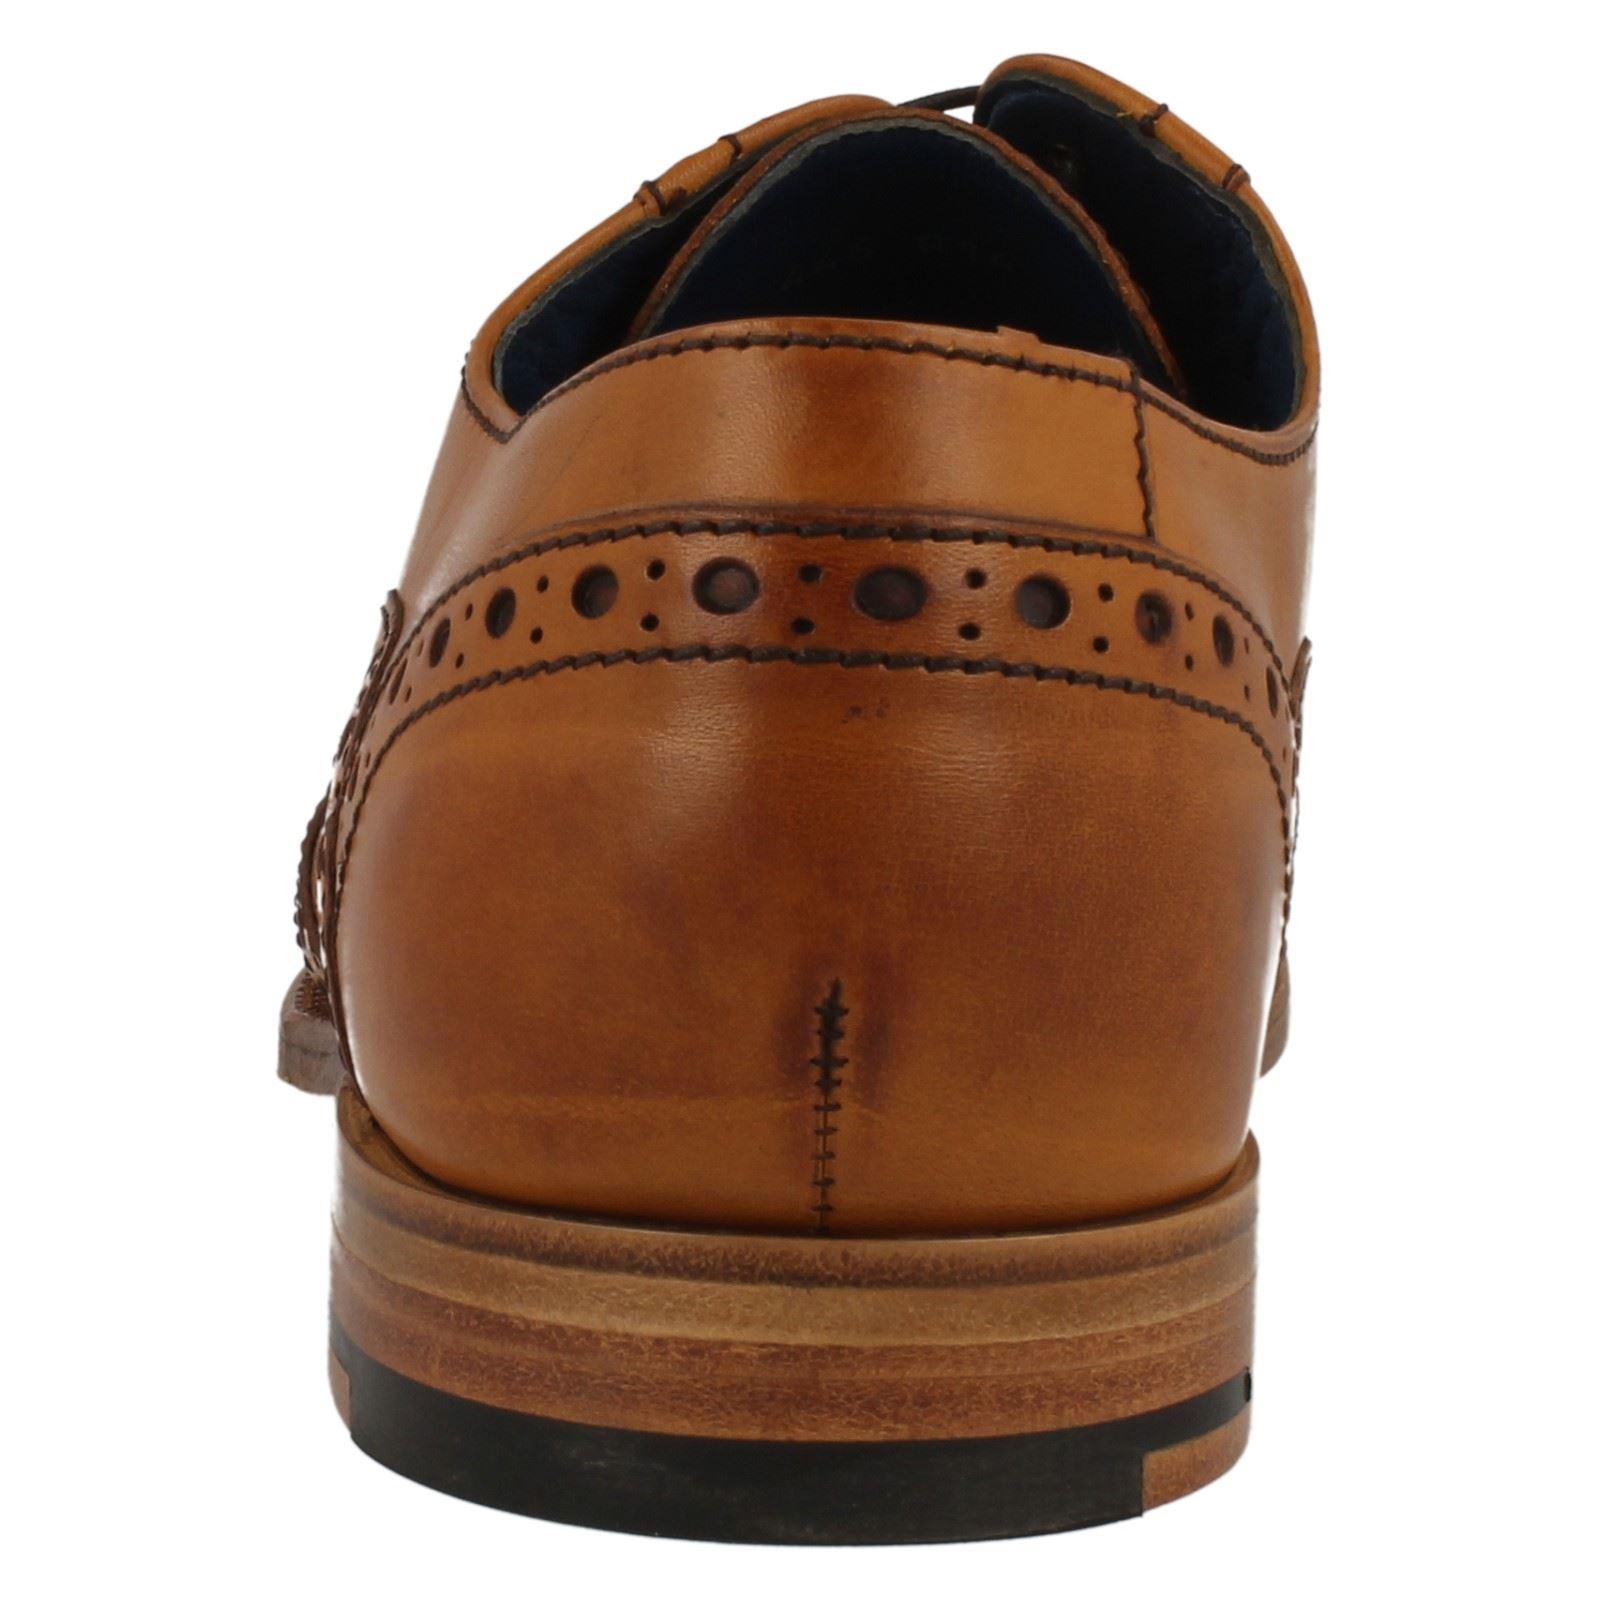 Barker Grant Grant Grant Cedar Calf Leder Lace Up Brogue Schuhes b15bae